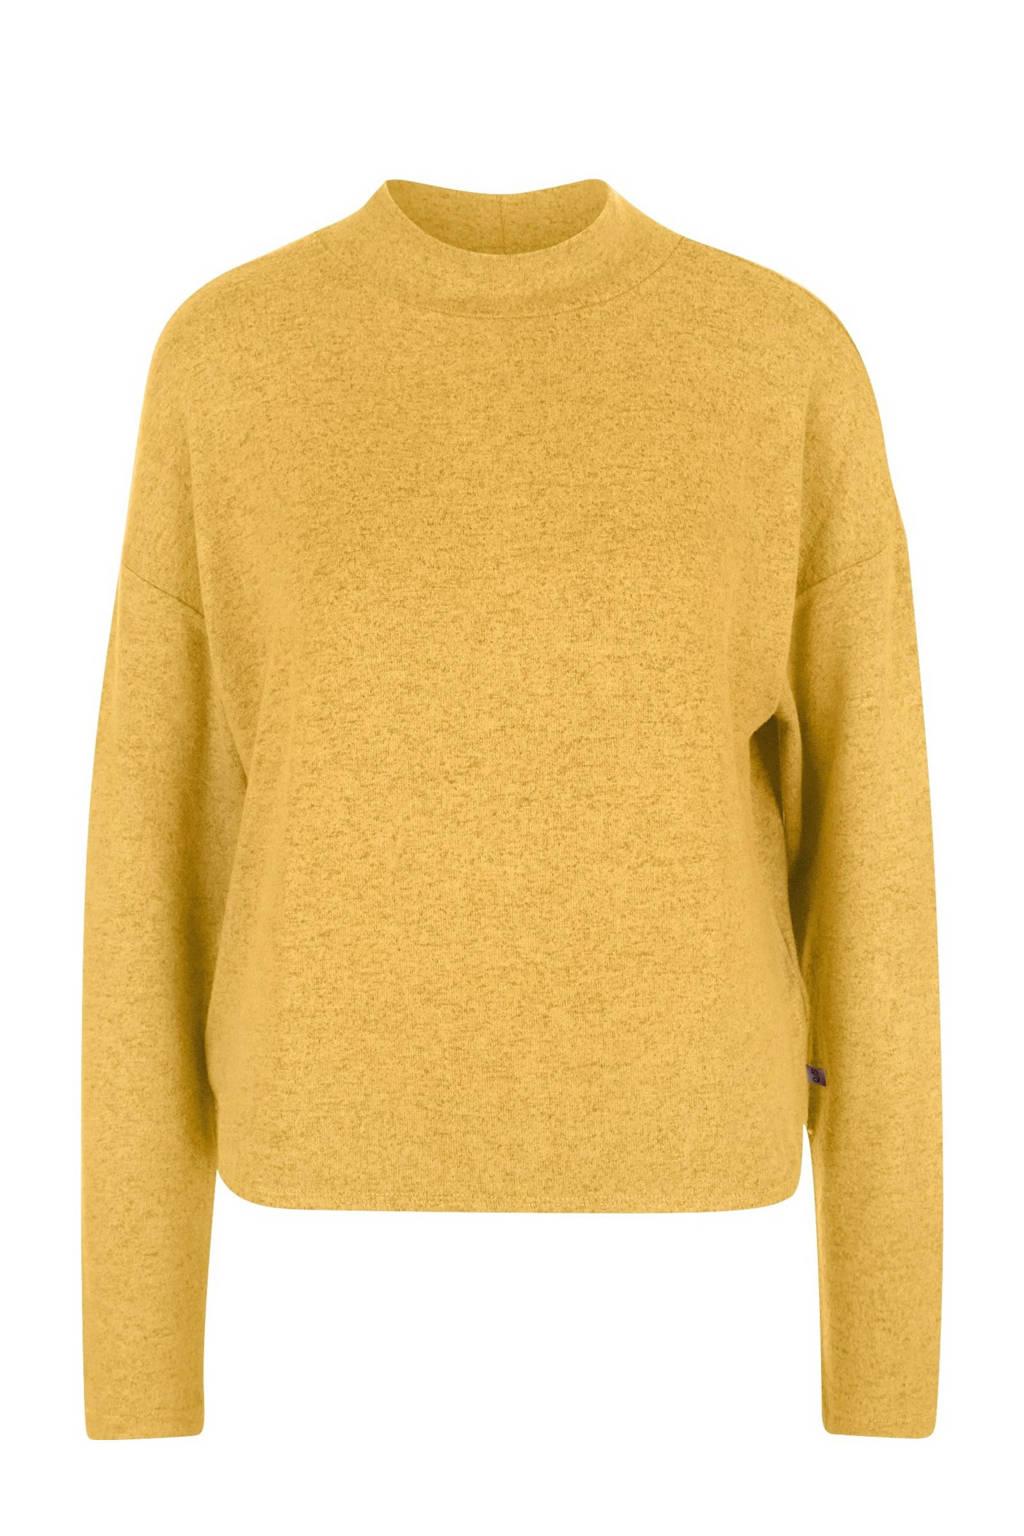 Q/S designed by gemêleerde gebreide trui geel, Geel